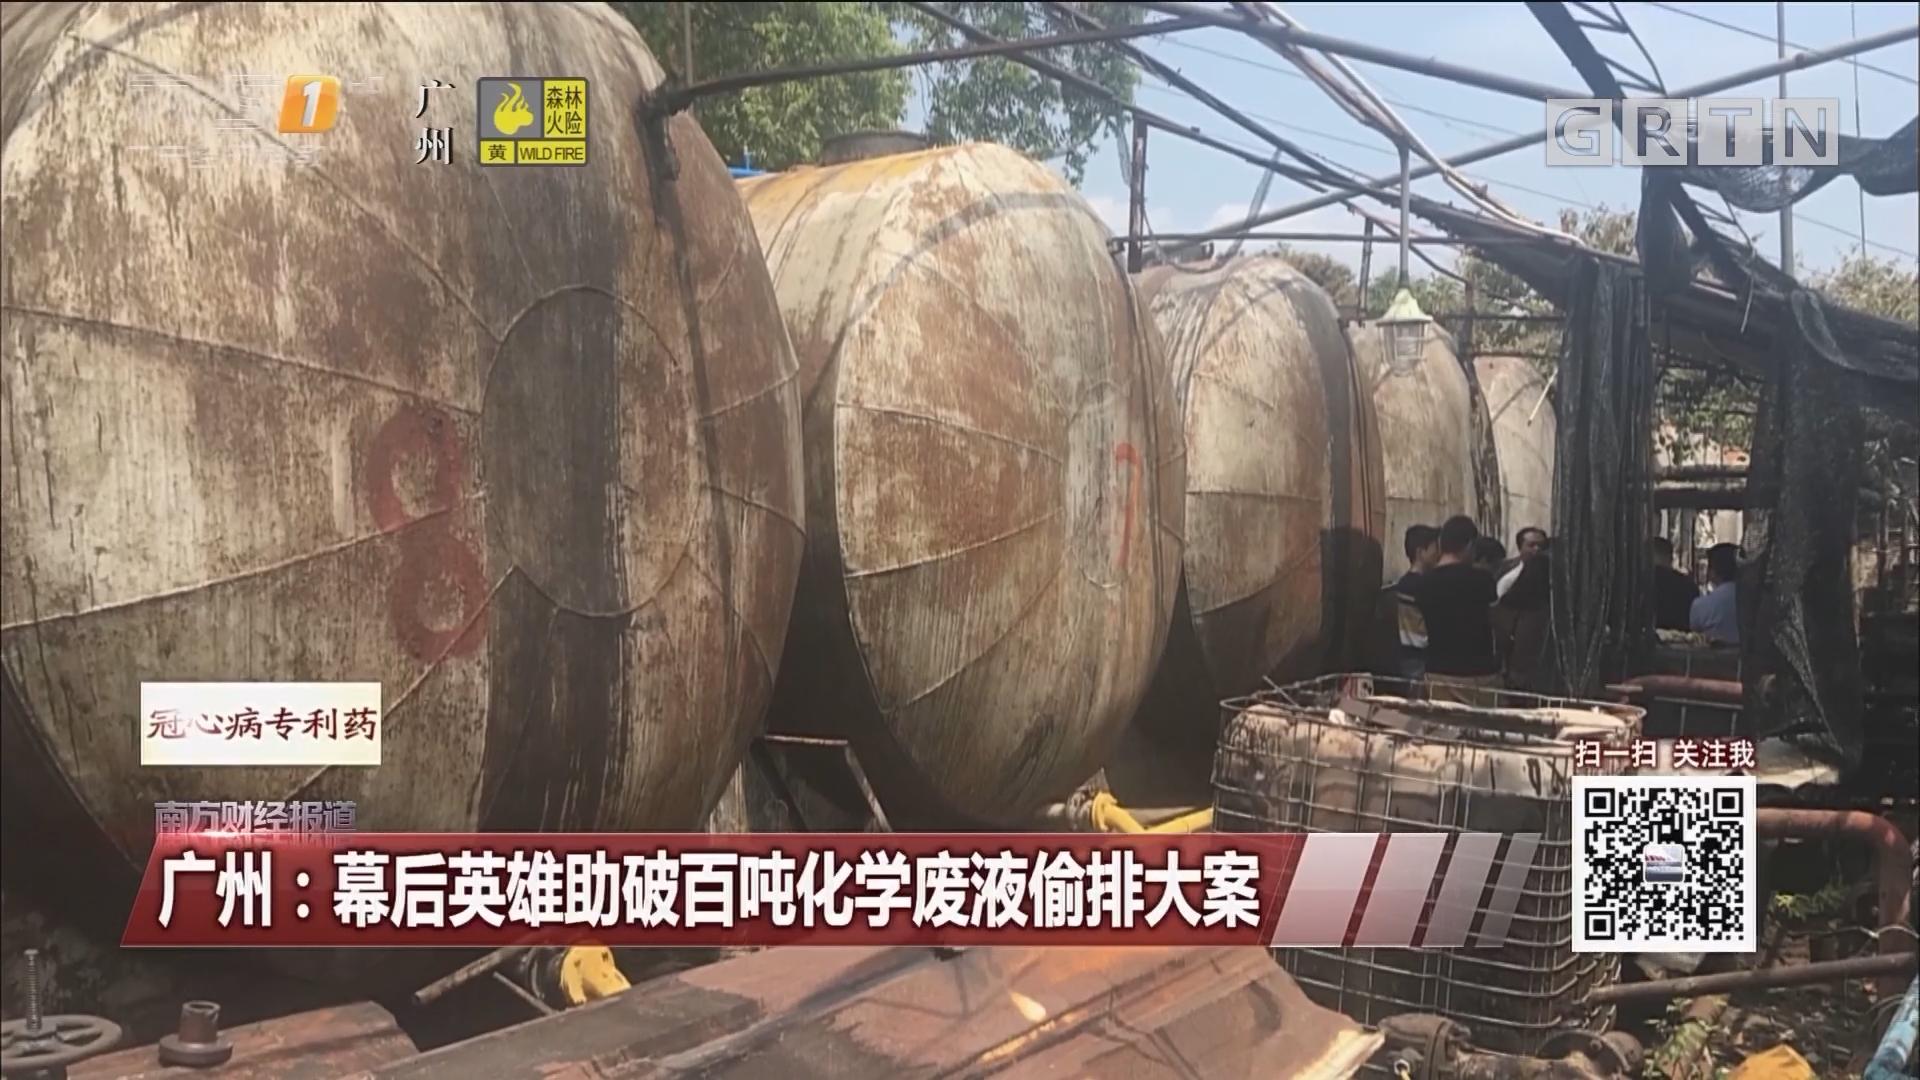 广州:幕后英雄助破百吨化学废液偷排大案